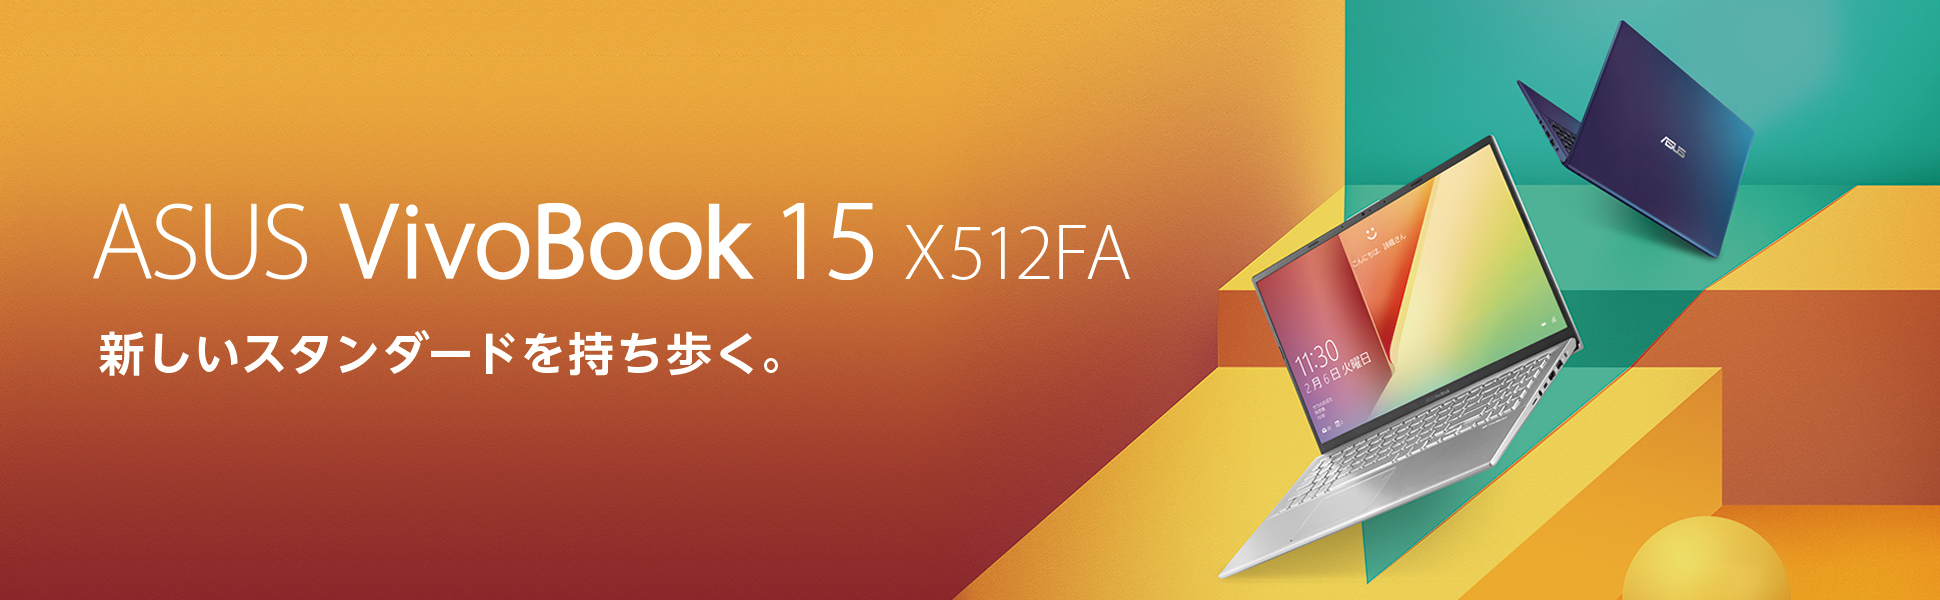 X512FA